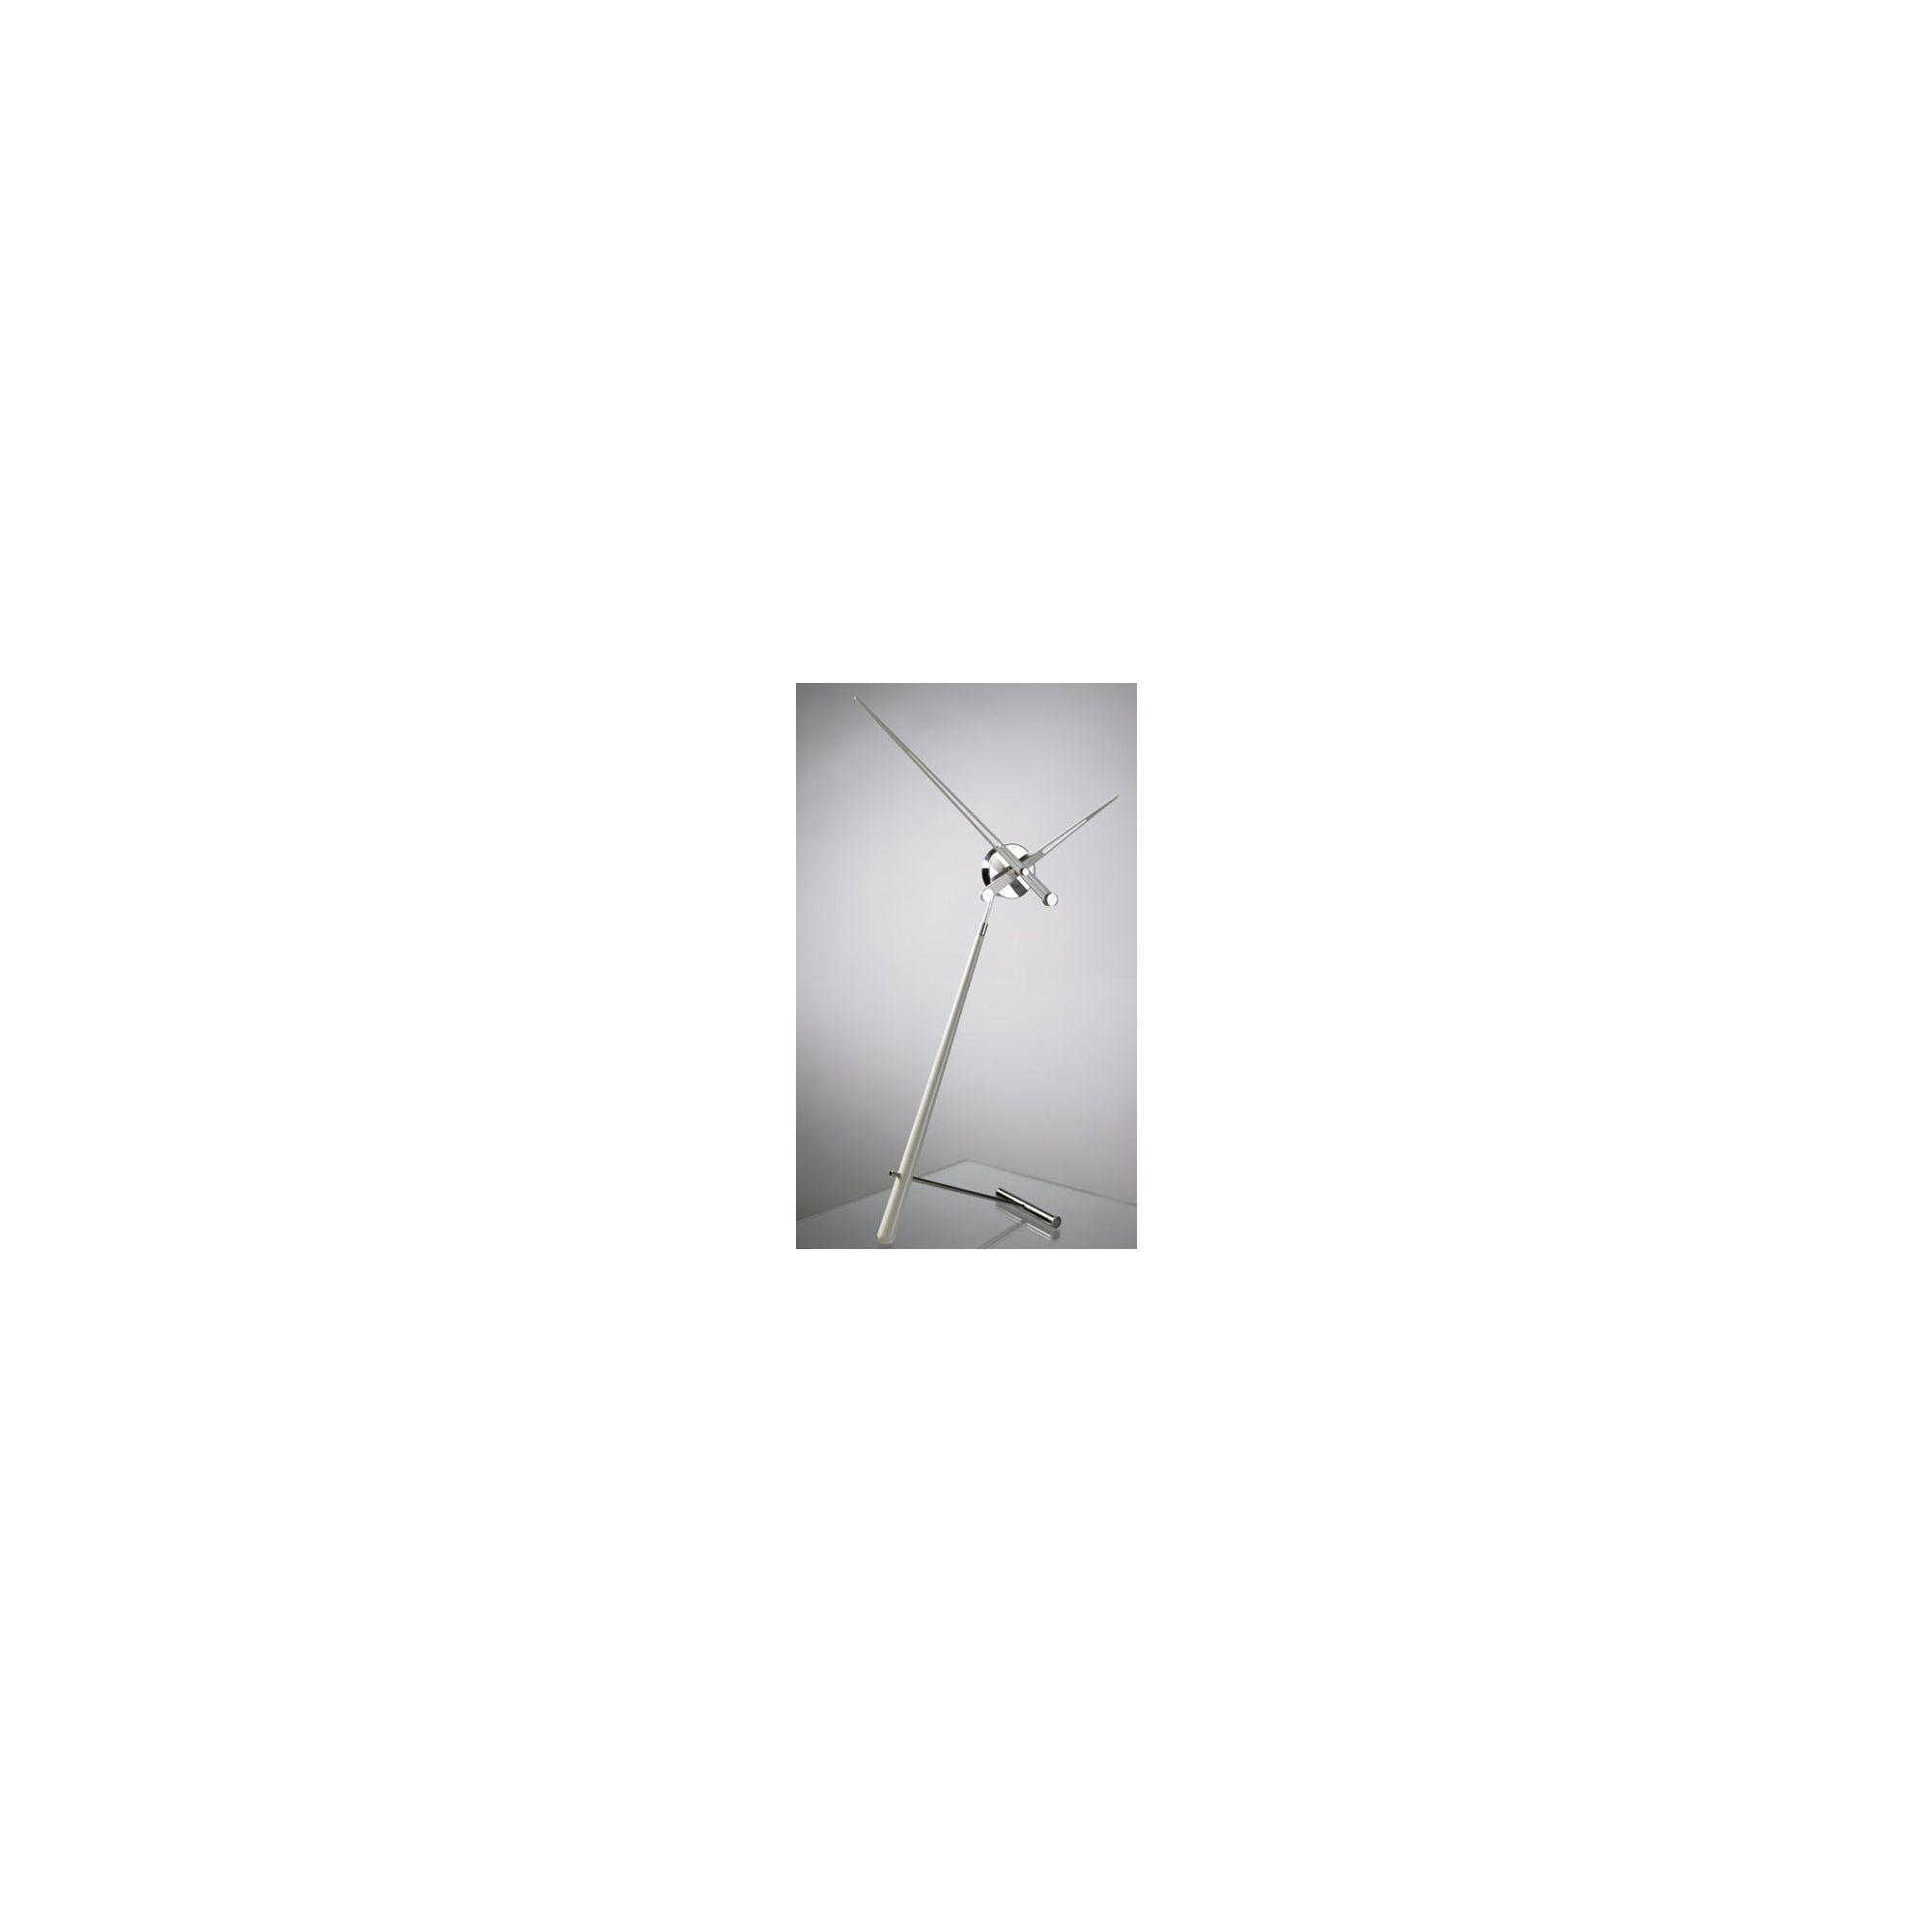 NOMON Puntero L Clock - White Lacquered at Tesco Direct